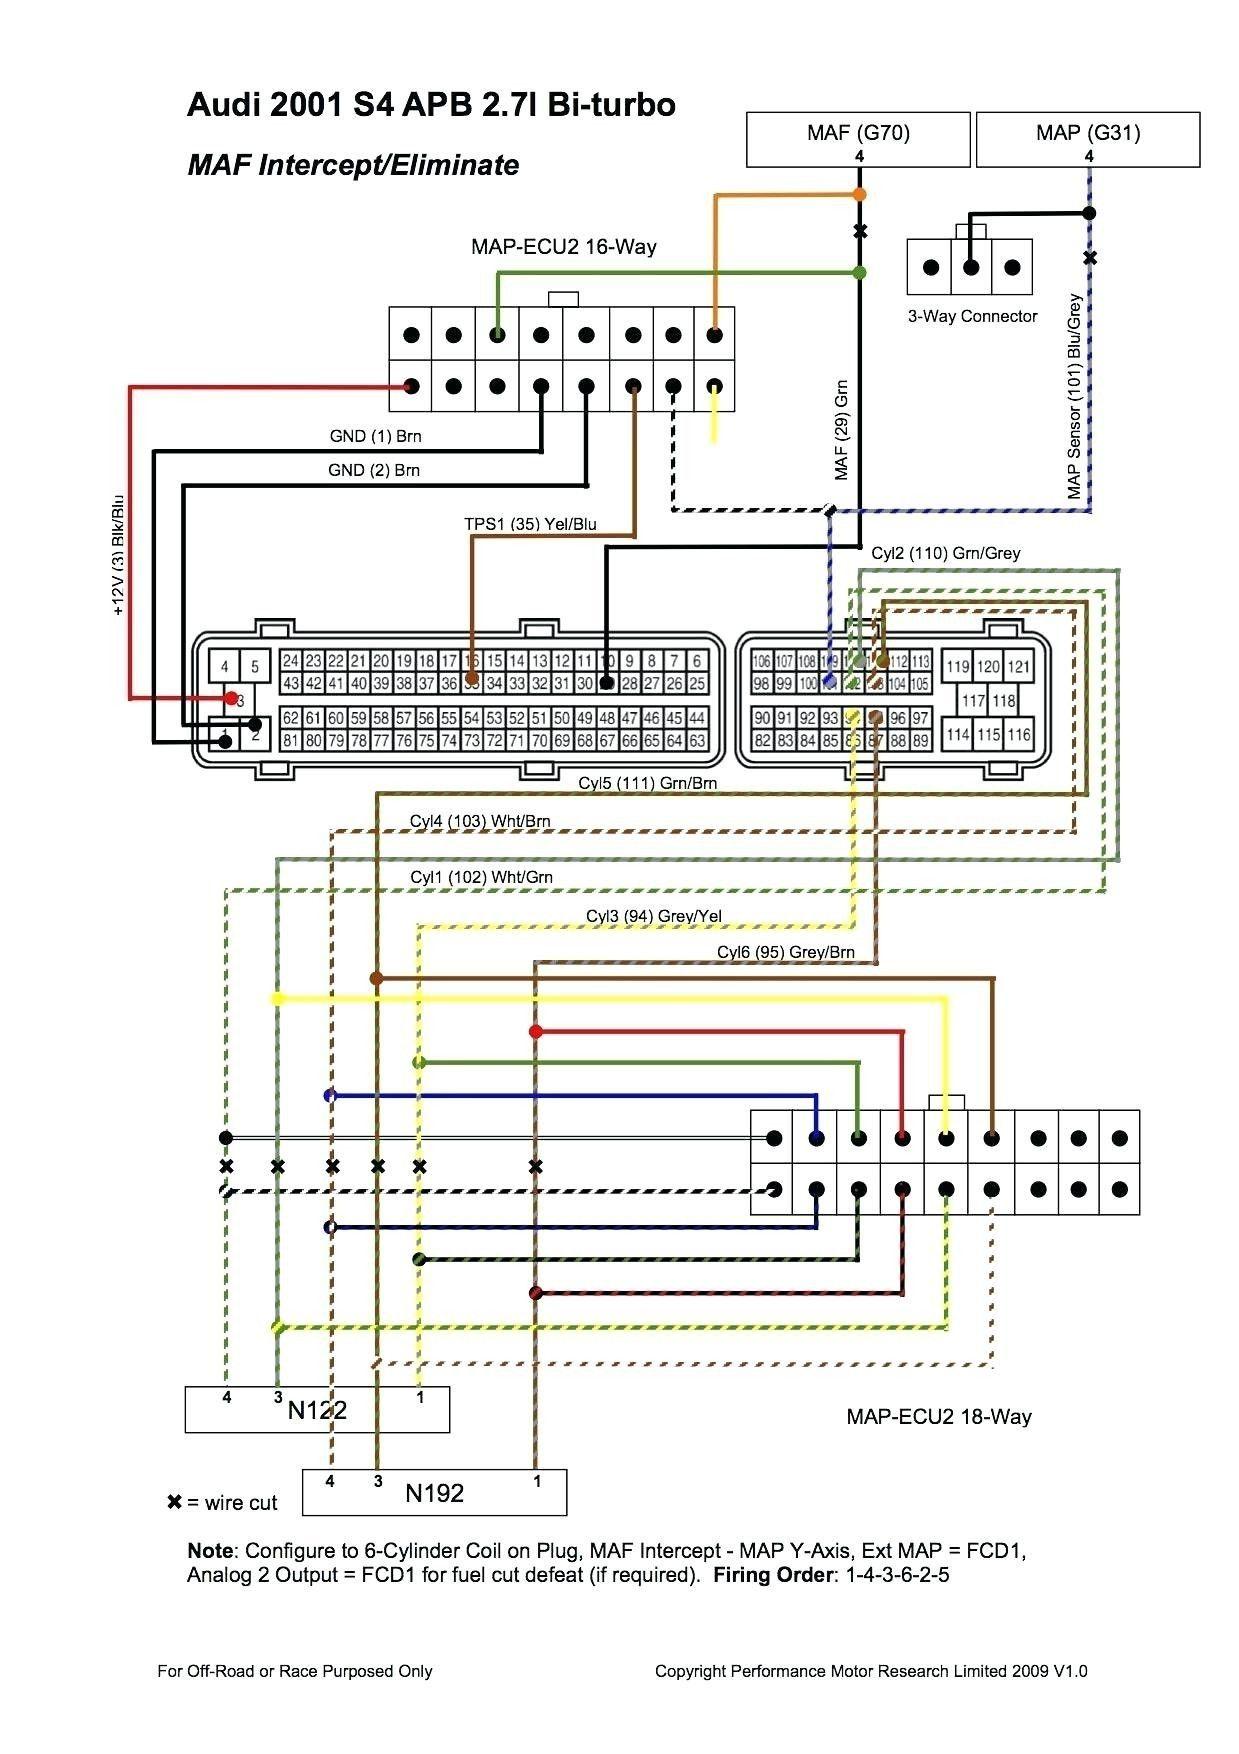 Beautiful Wiring Diagram Kancil 660 Diagrams Digramssample Diagramimages Wiringdiagramsample Wiringdiagram Toyota Mitsubishi Lancer Dodge